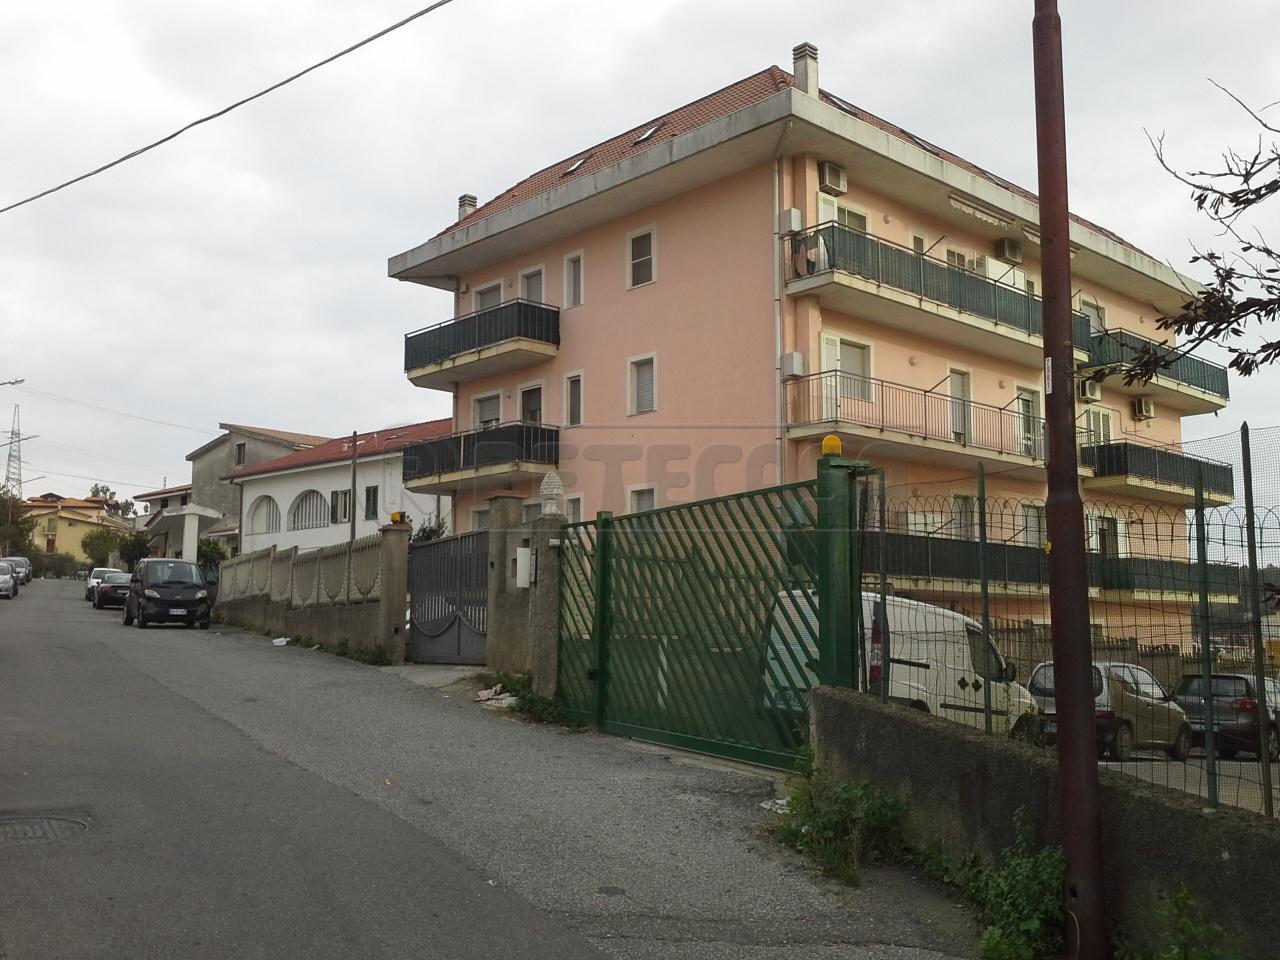 Monolocale in vendita a Catanzaro in Via Leonardo Da Vinci